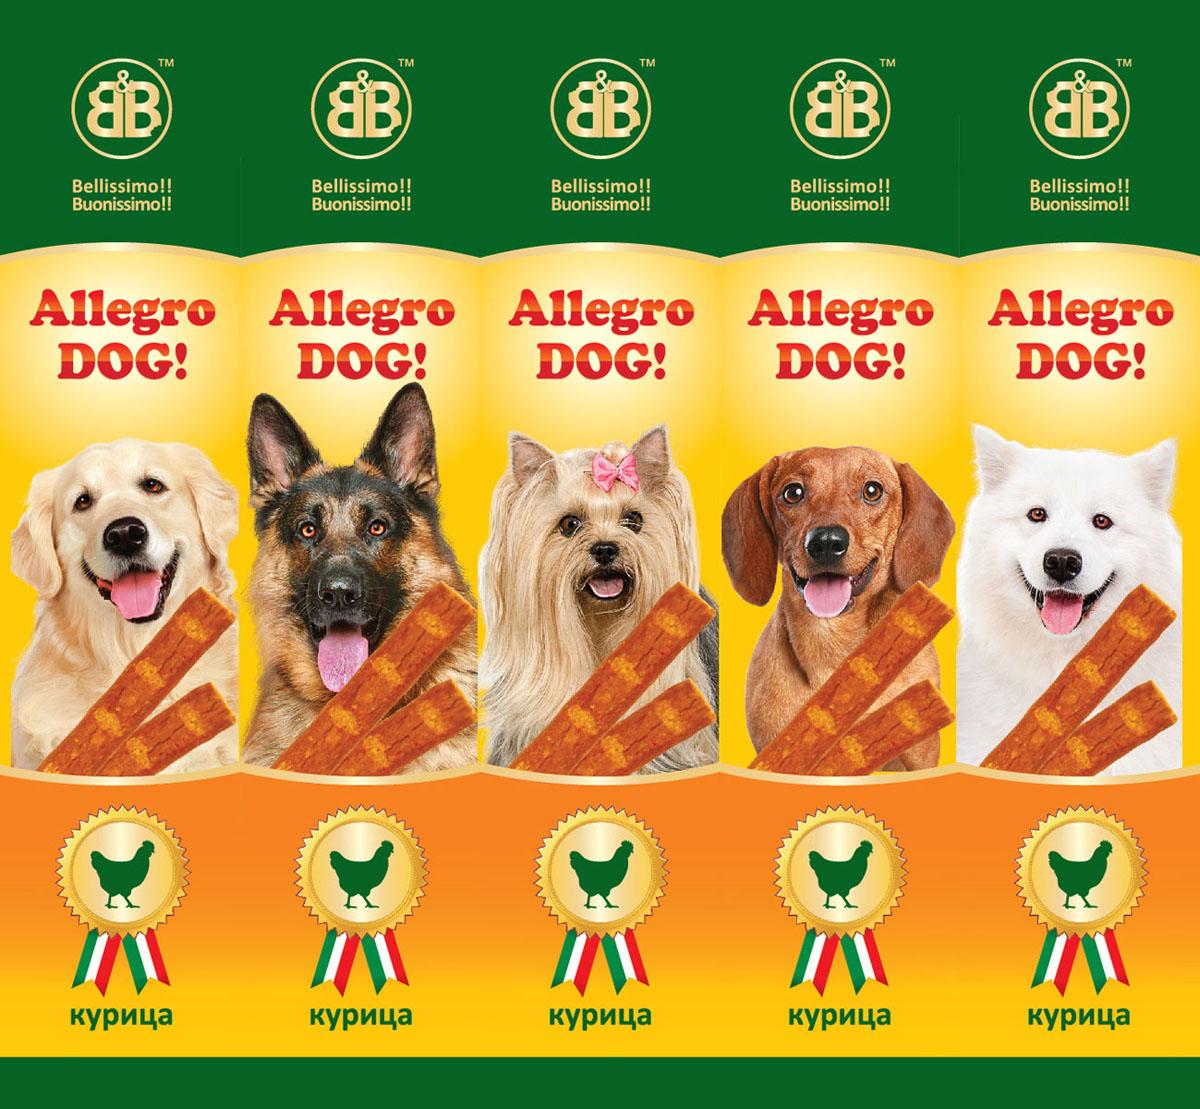 Лакомство для собак B&B Колбаски Allegro Dog, курица, 5х10 г36448Лакомство для собак B&B Колбаски Allegro Dog - это вкусное и здоровое угощение с большим содержанием мяса, которое придется по вкусу даже самому капризному любимцу. Колбаски идеально подходят в качестве поощрения для игр и тренировок. Состав: мясо и продукты животного происхождения (мин 95% из которых 10% курица), минеральные соли. Пищевая ценность: протеин 33,5%, жиры 20%, зола 9%, клетчатка 2%, влажность 28%.Товар сертифицирован.Тайная жизнь домашних животных: чем занять собаку, пока вы на работе. Статья OZON Гид